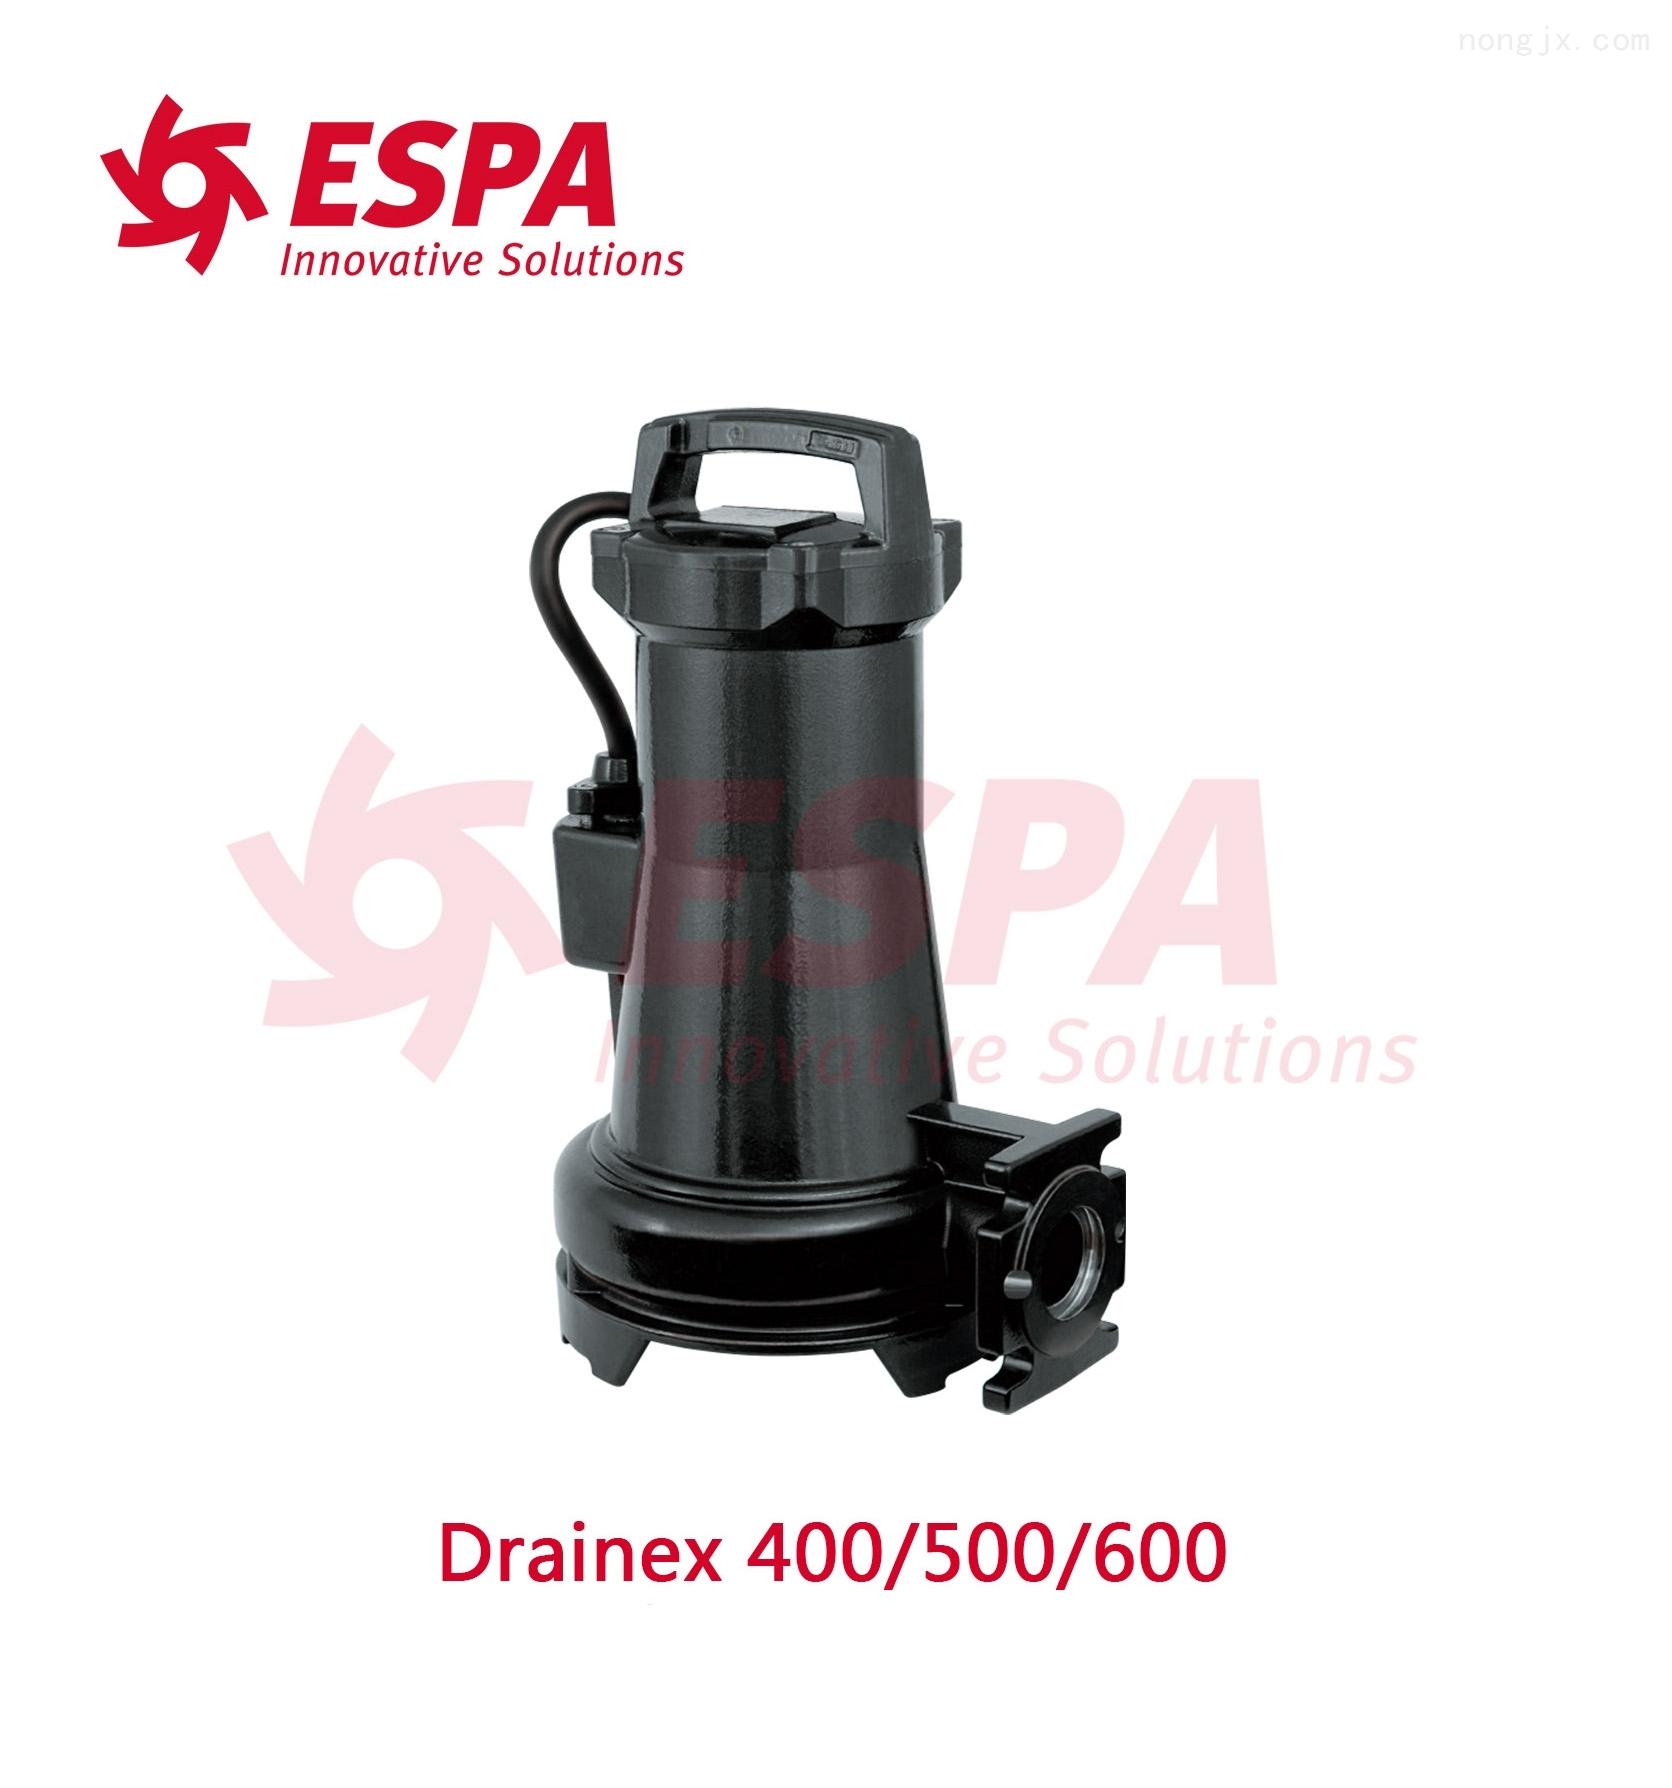 西班牙亚士霸ESPA排污泵Drainex 500/600